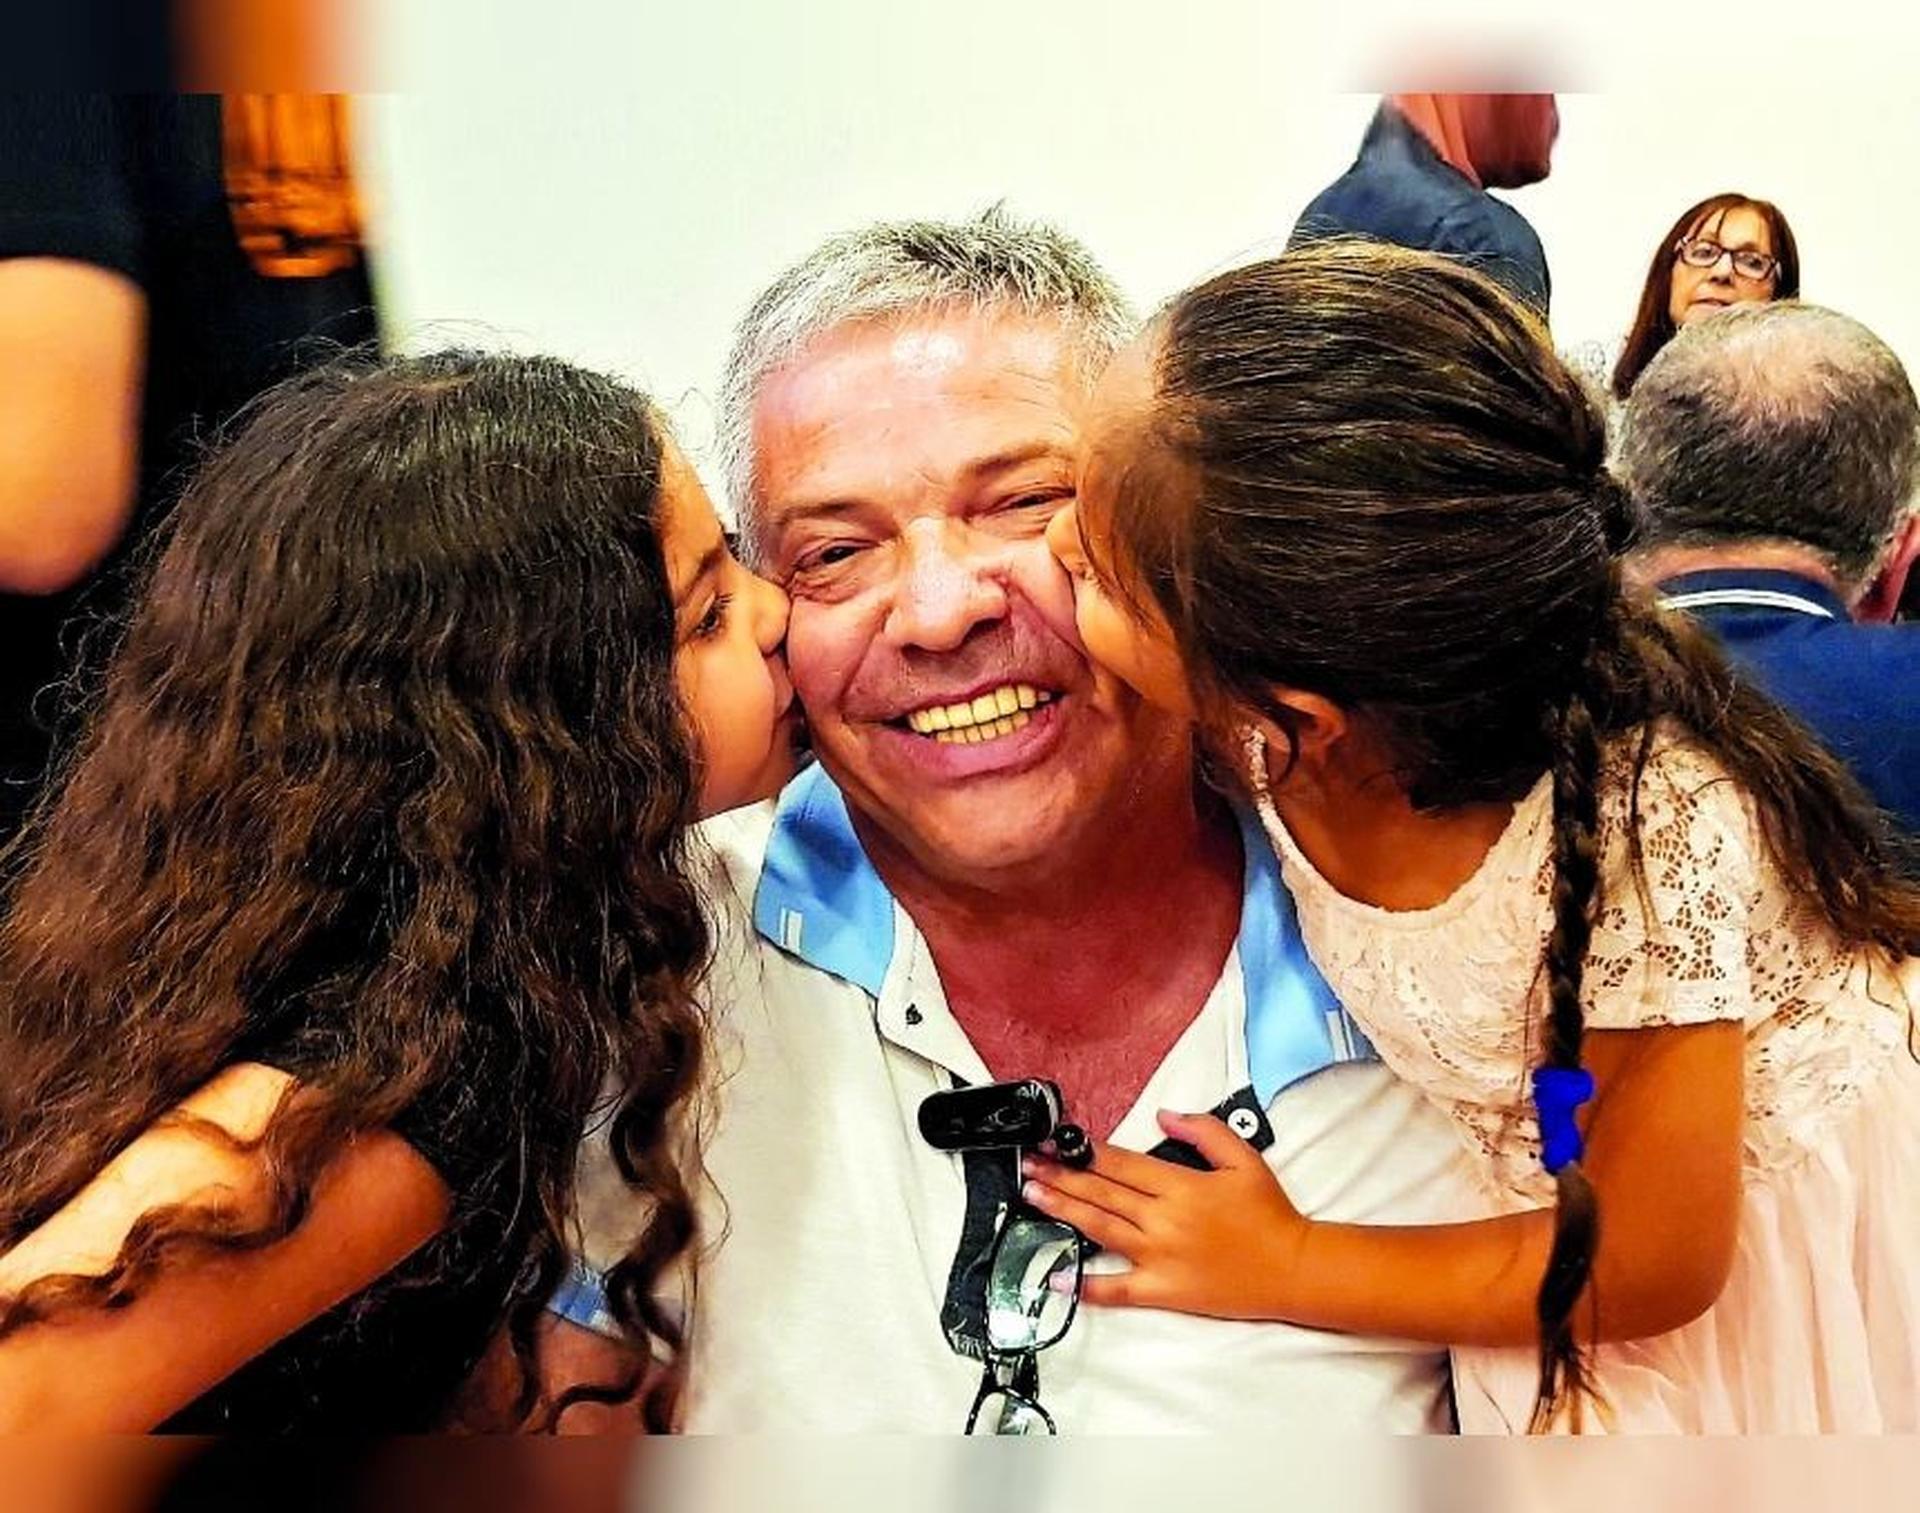 אבי ואנונו עם  הנכדות | צילום רפרודוקציה: אלעד גרשגורן